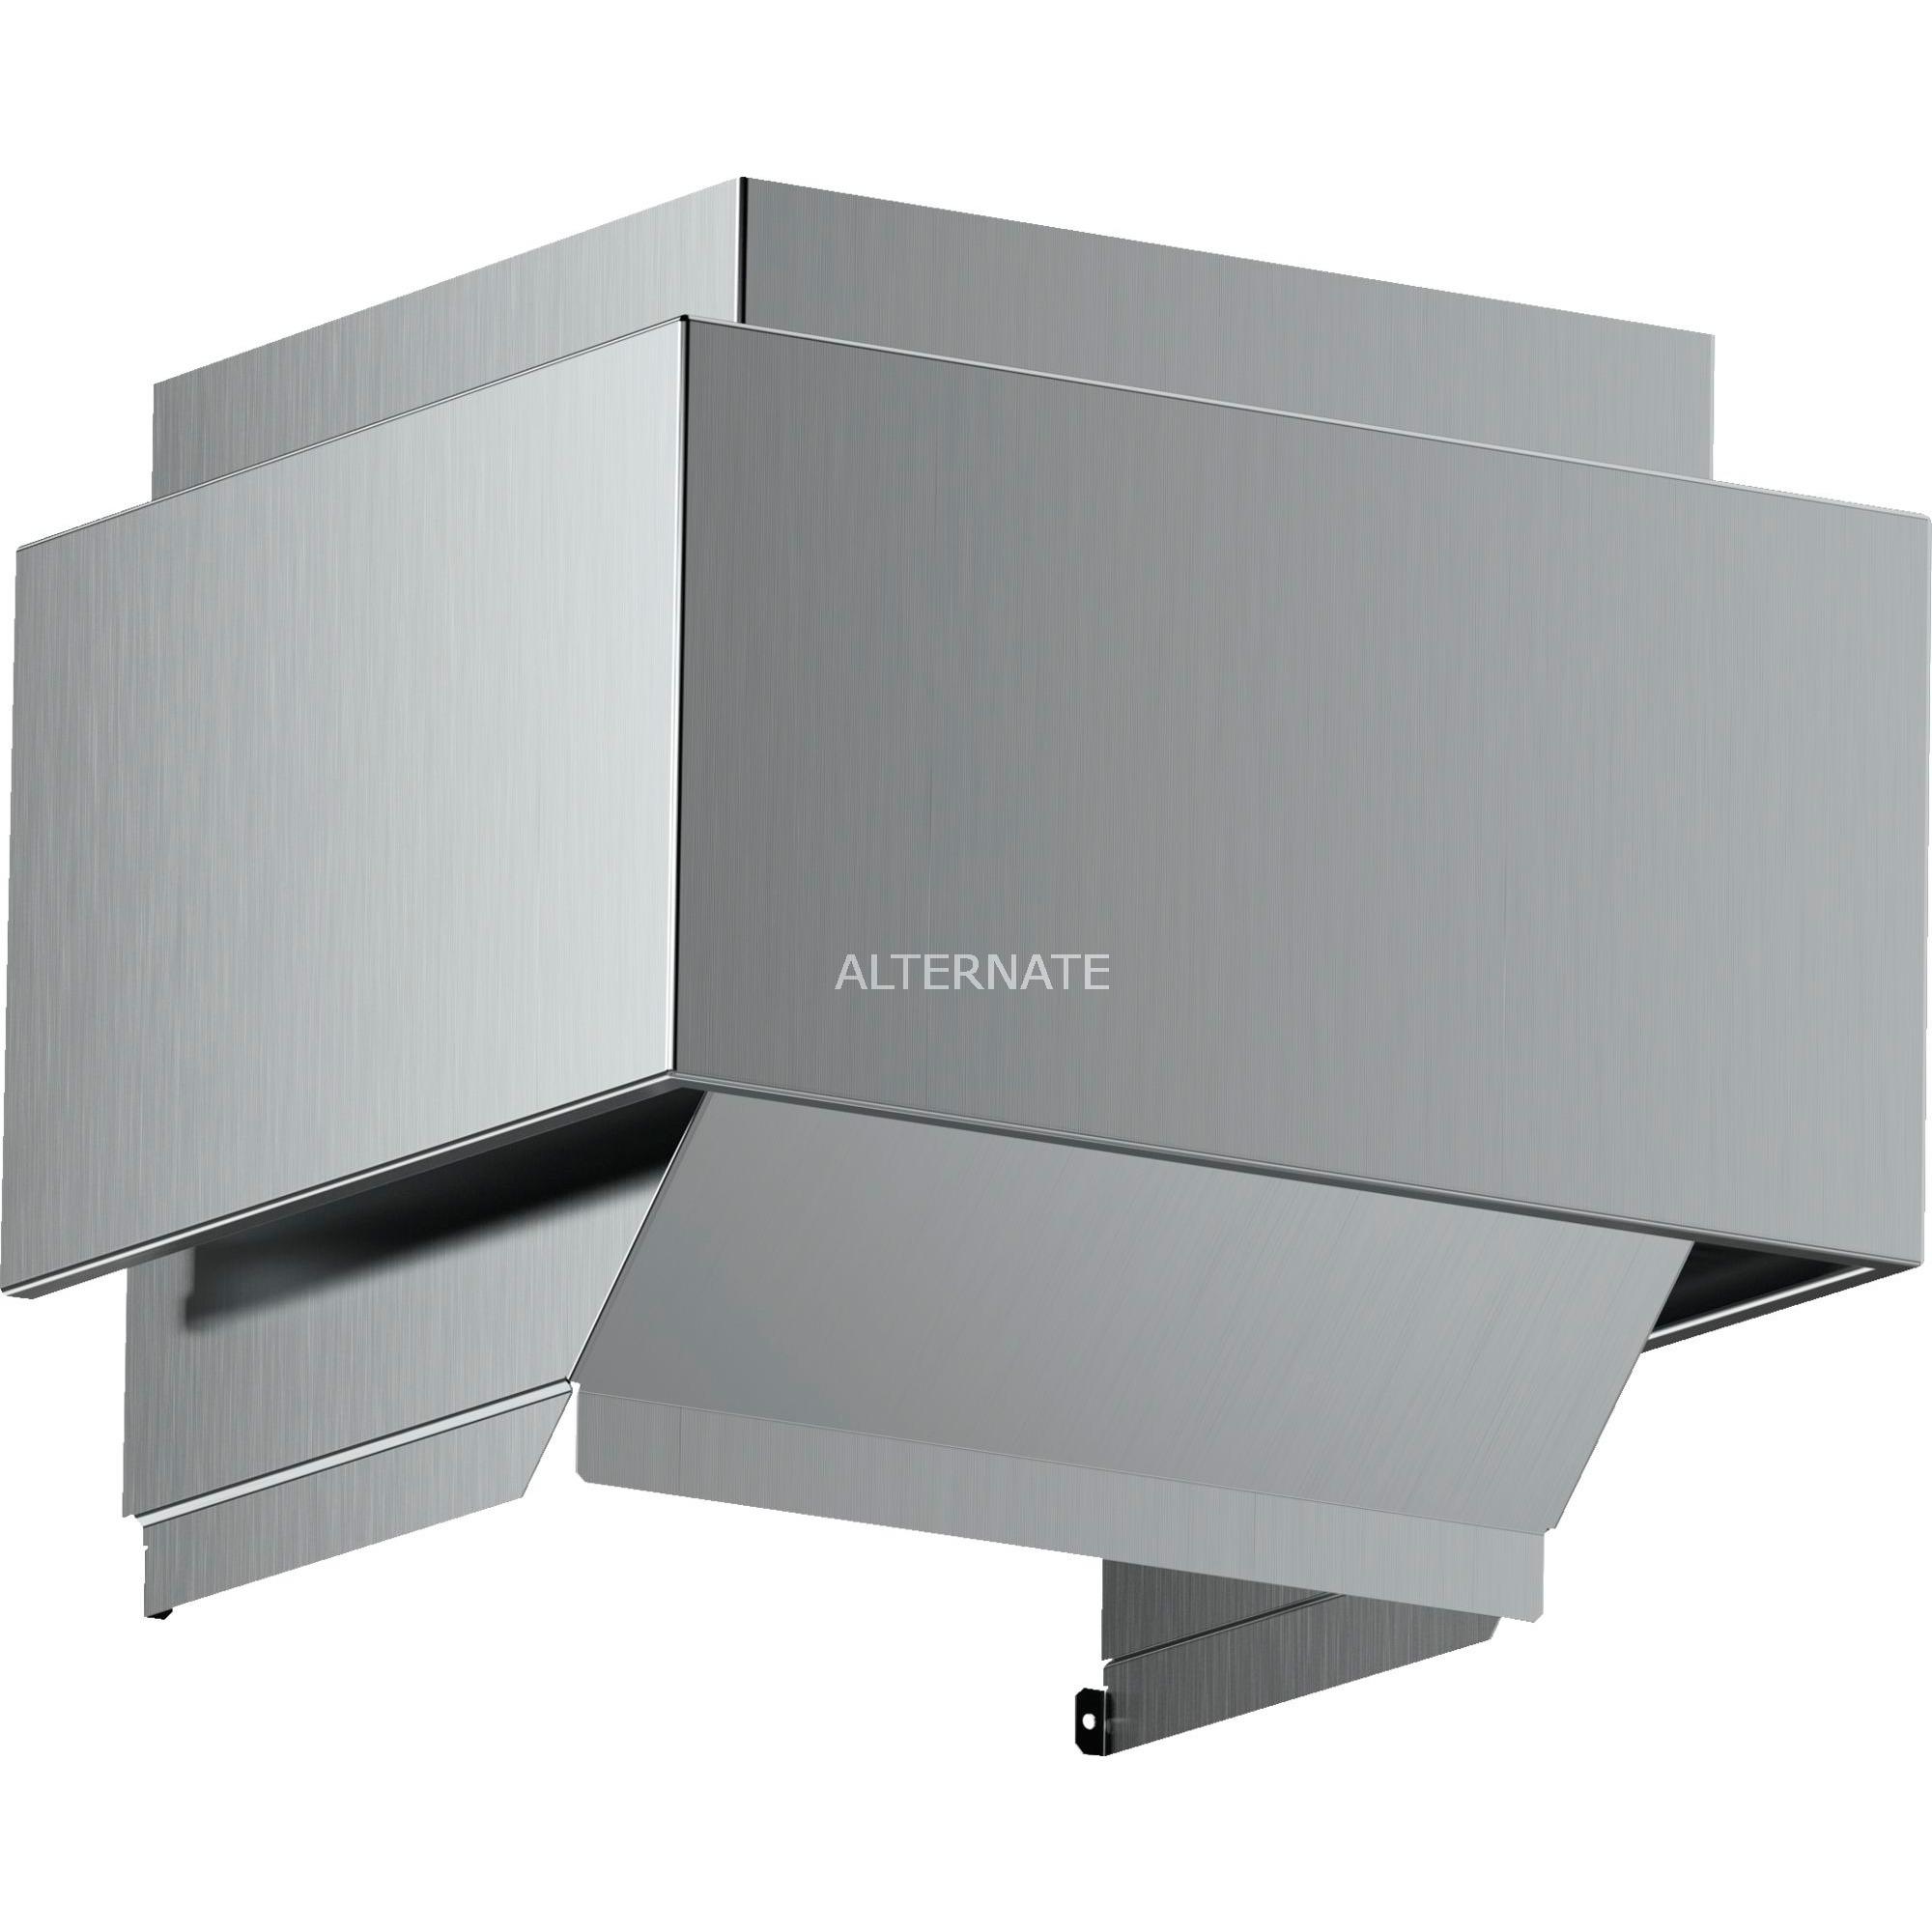 DWZ0AX5C0 accesorio para campana de estufa, Set de modificación